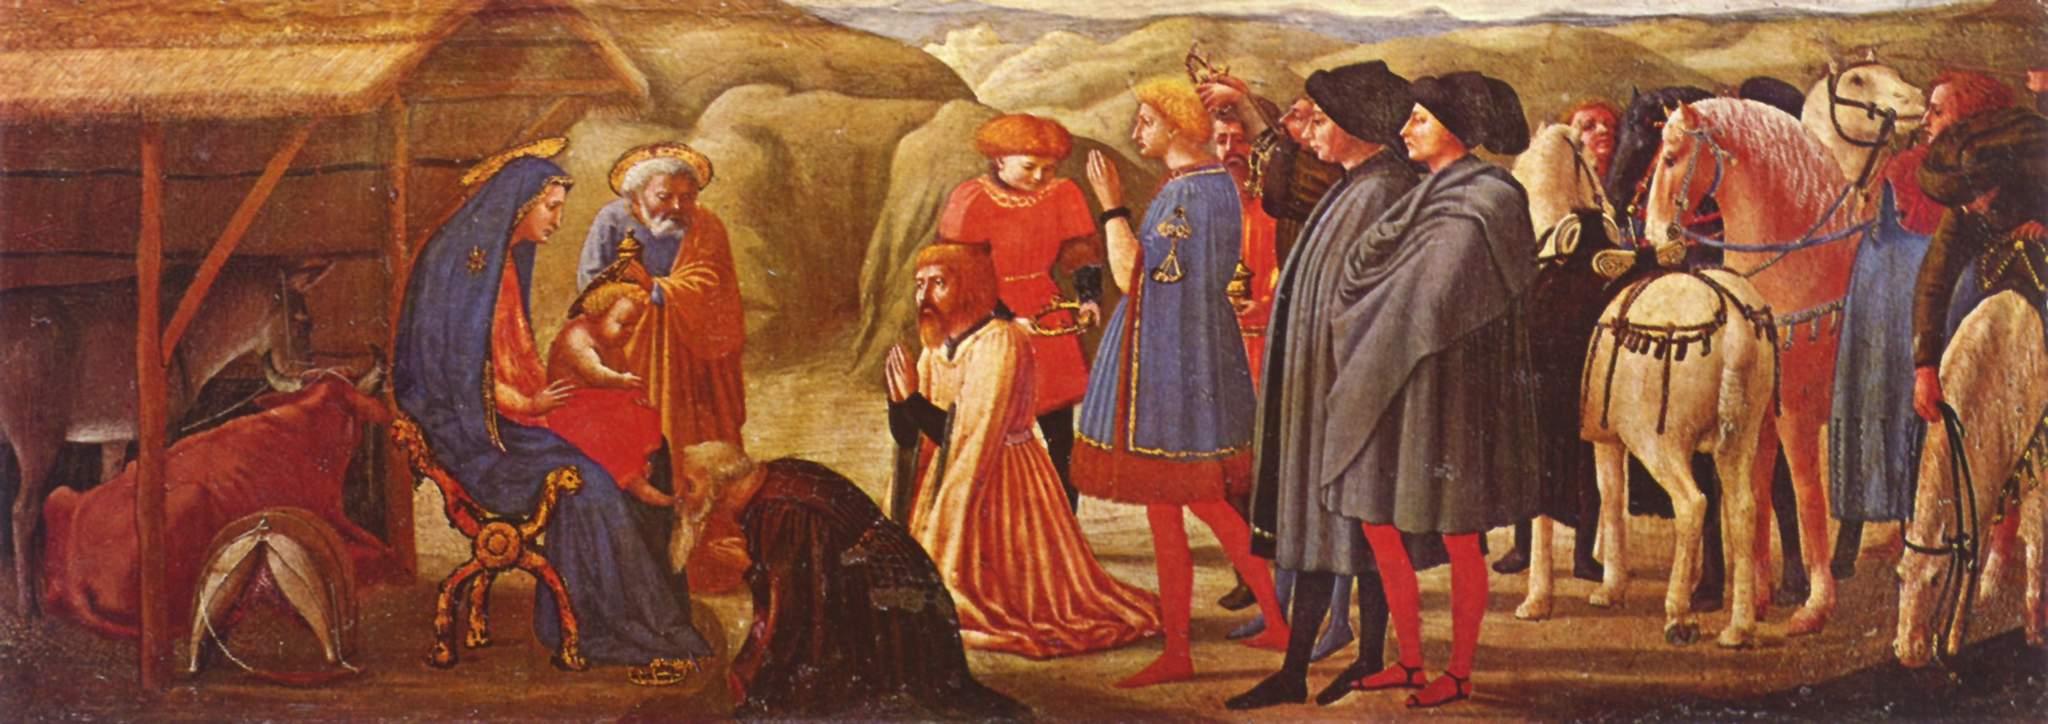 La Adorazione dei Magi di Masaccio è una tempera su tavola (21x61 cm) proveniente dallo smembrato polittico di Pisa ed oggi conservato nei Musei statali di Berlino. Risale al 1426.